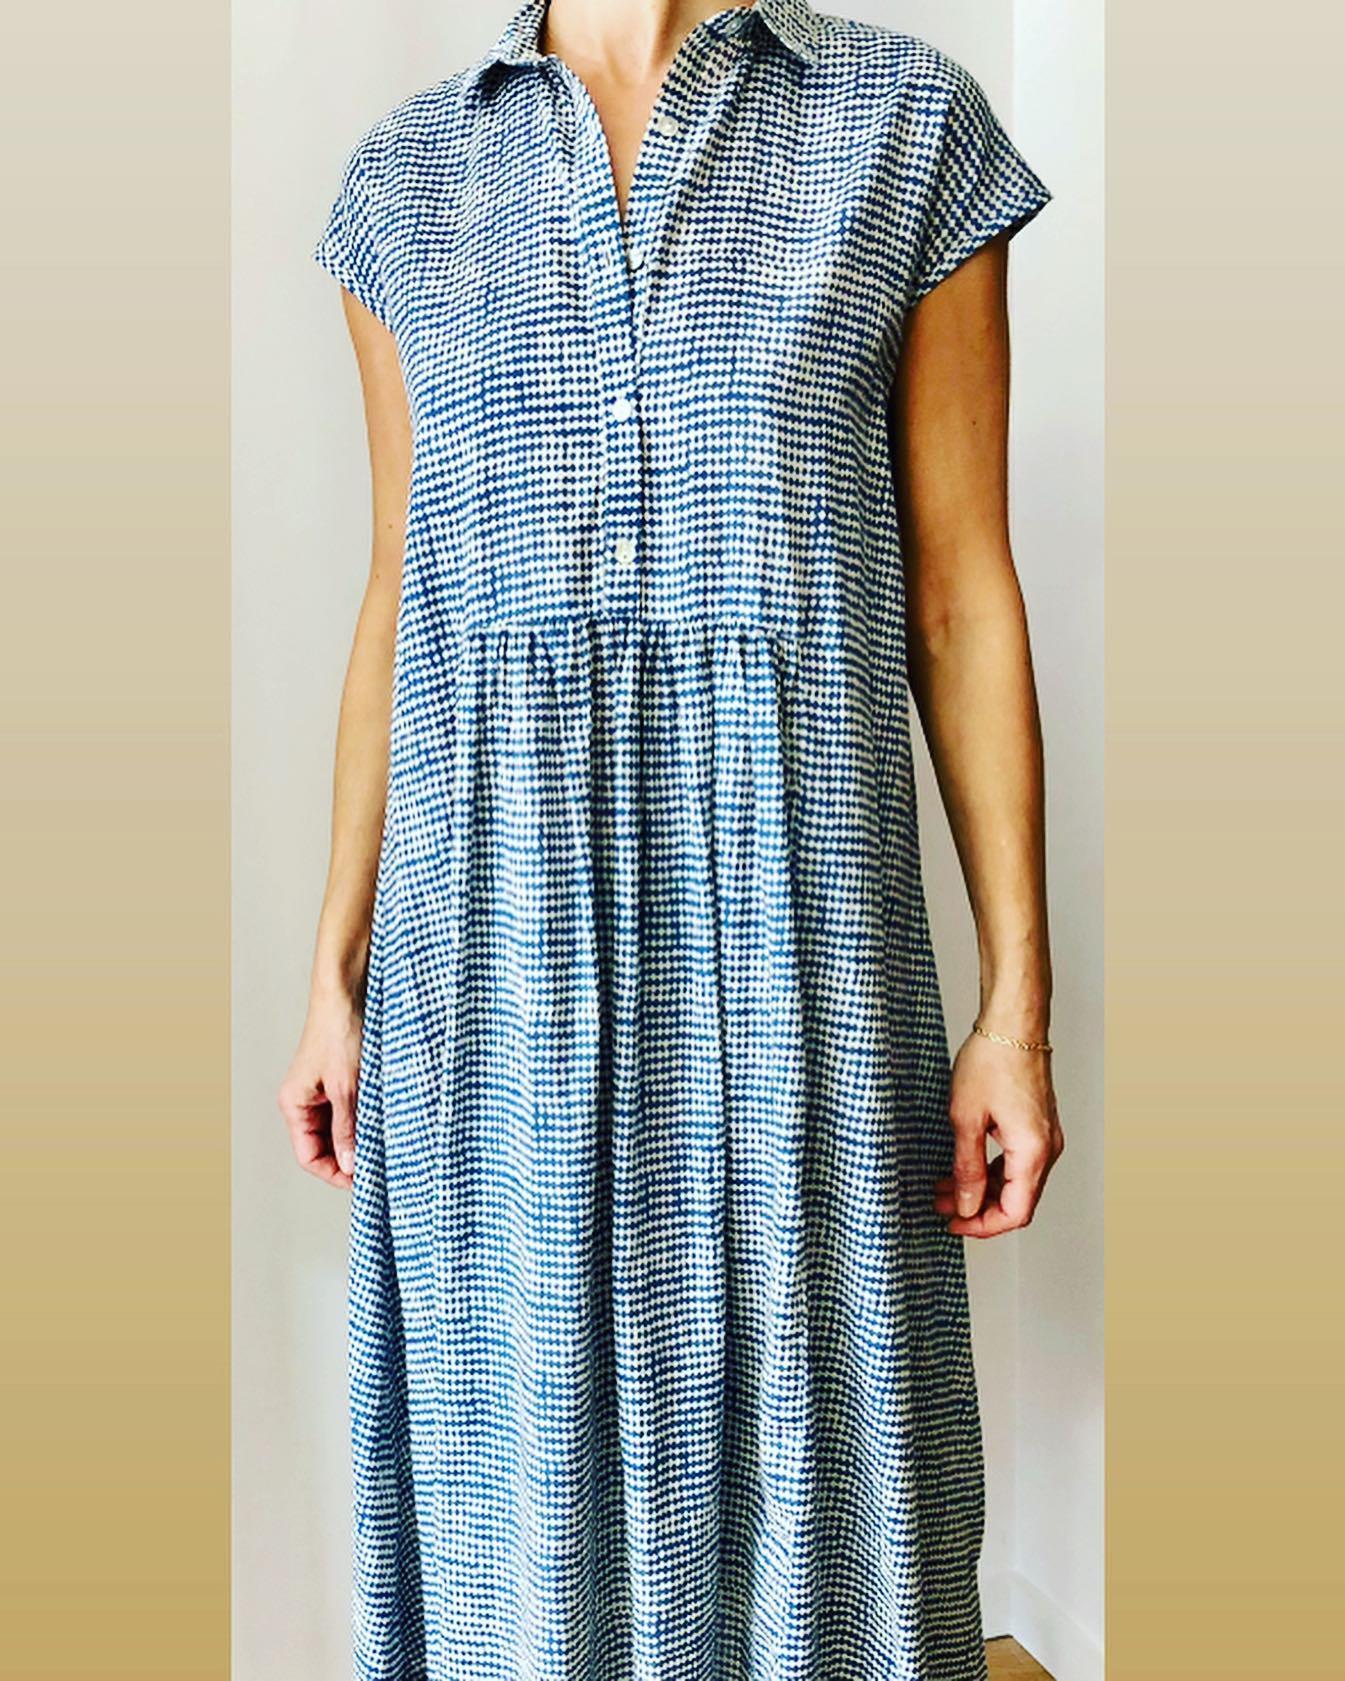 Robe longue en coton, imprimé losange bleu #enligne @colores_clothing_official #nouvellecollectionhttps://www.instagram.com/p/CM4yumRFjdU/